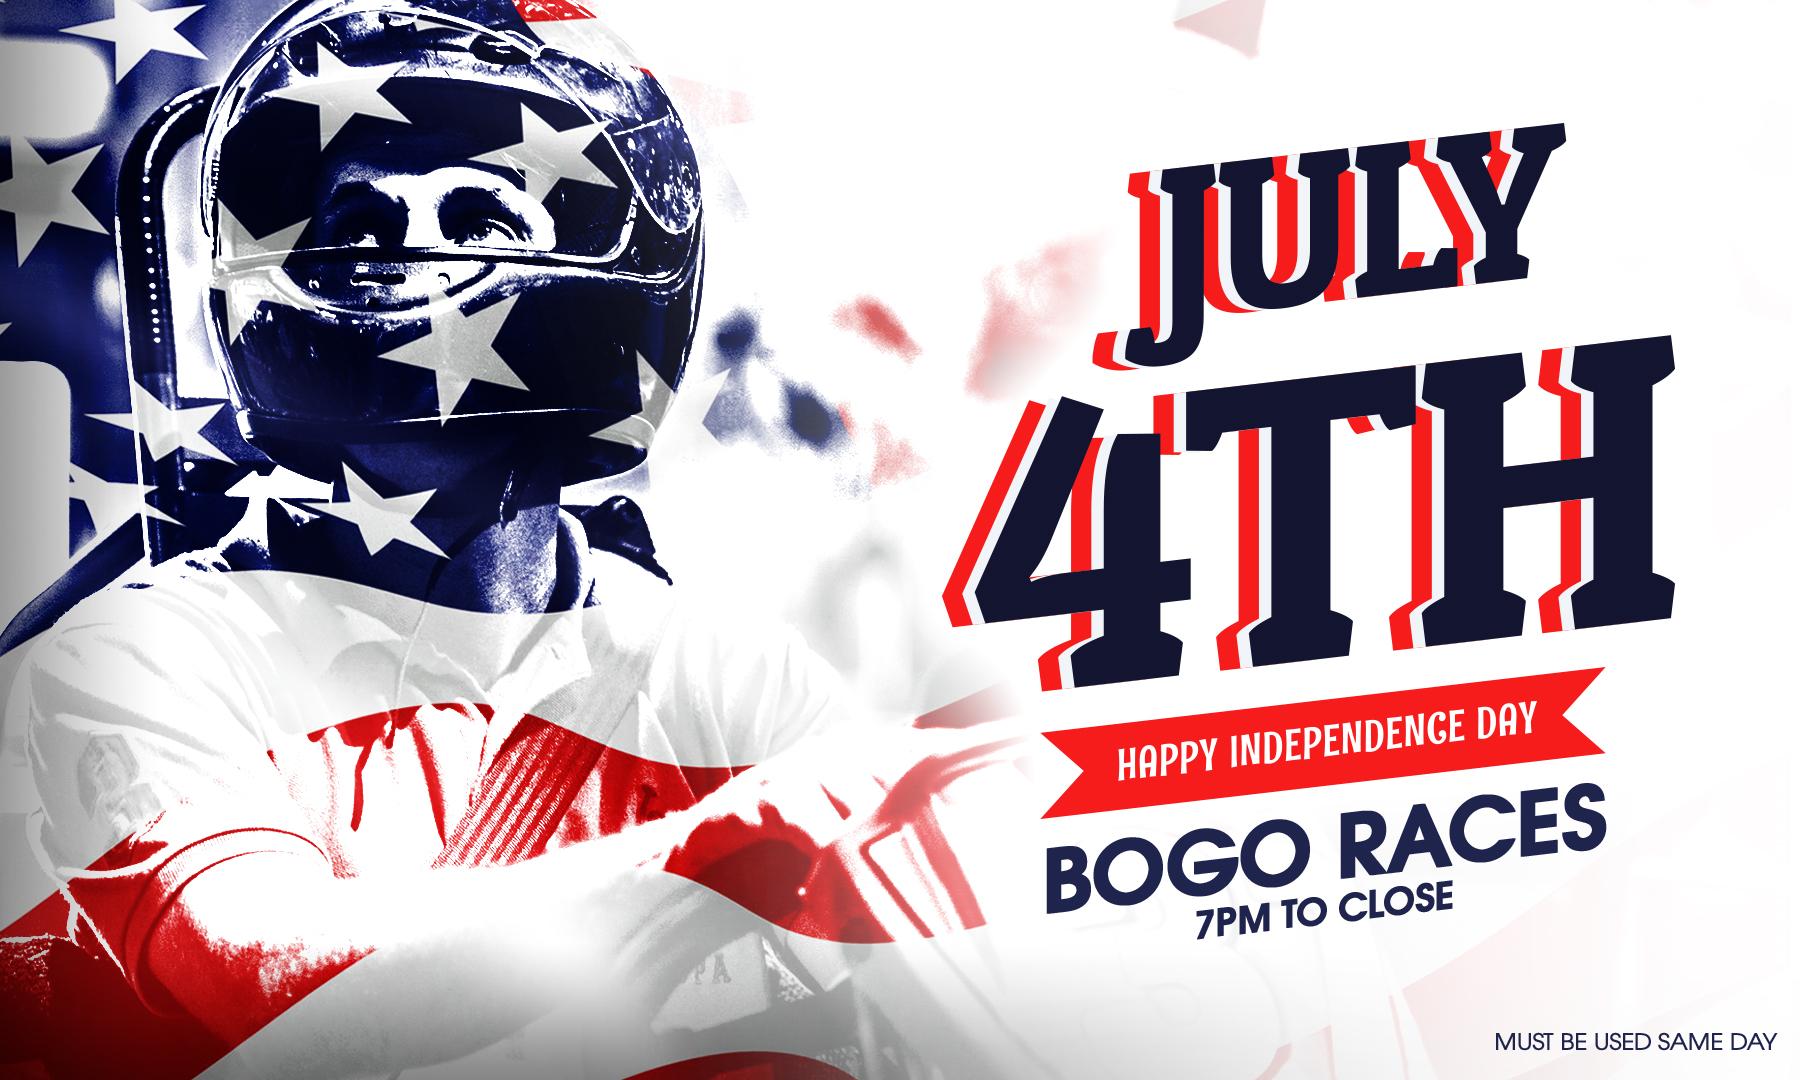 4th of July BOGO go karting offer